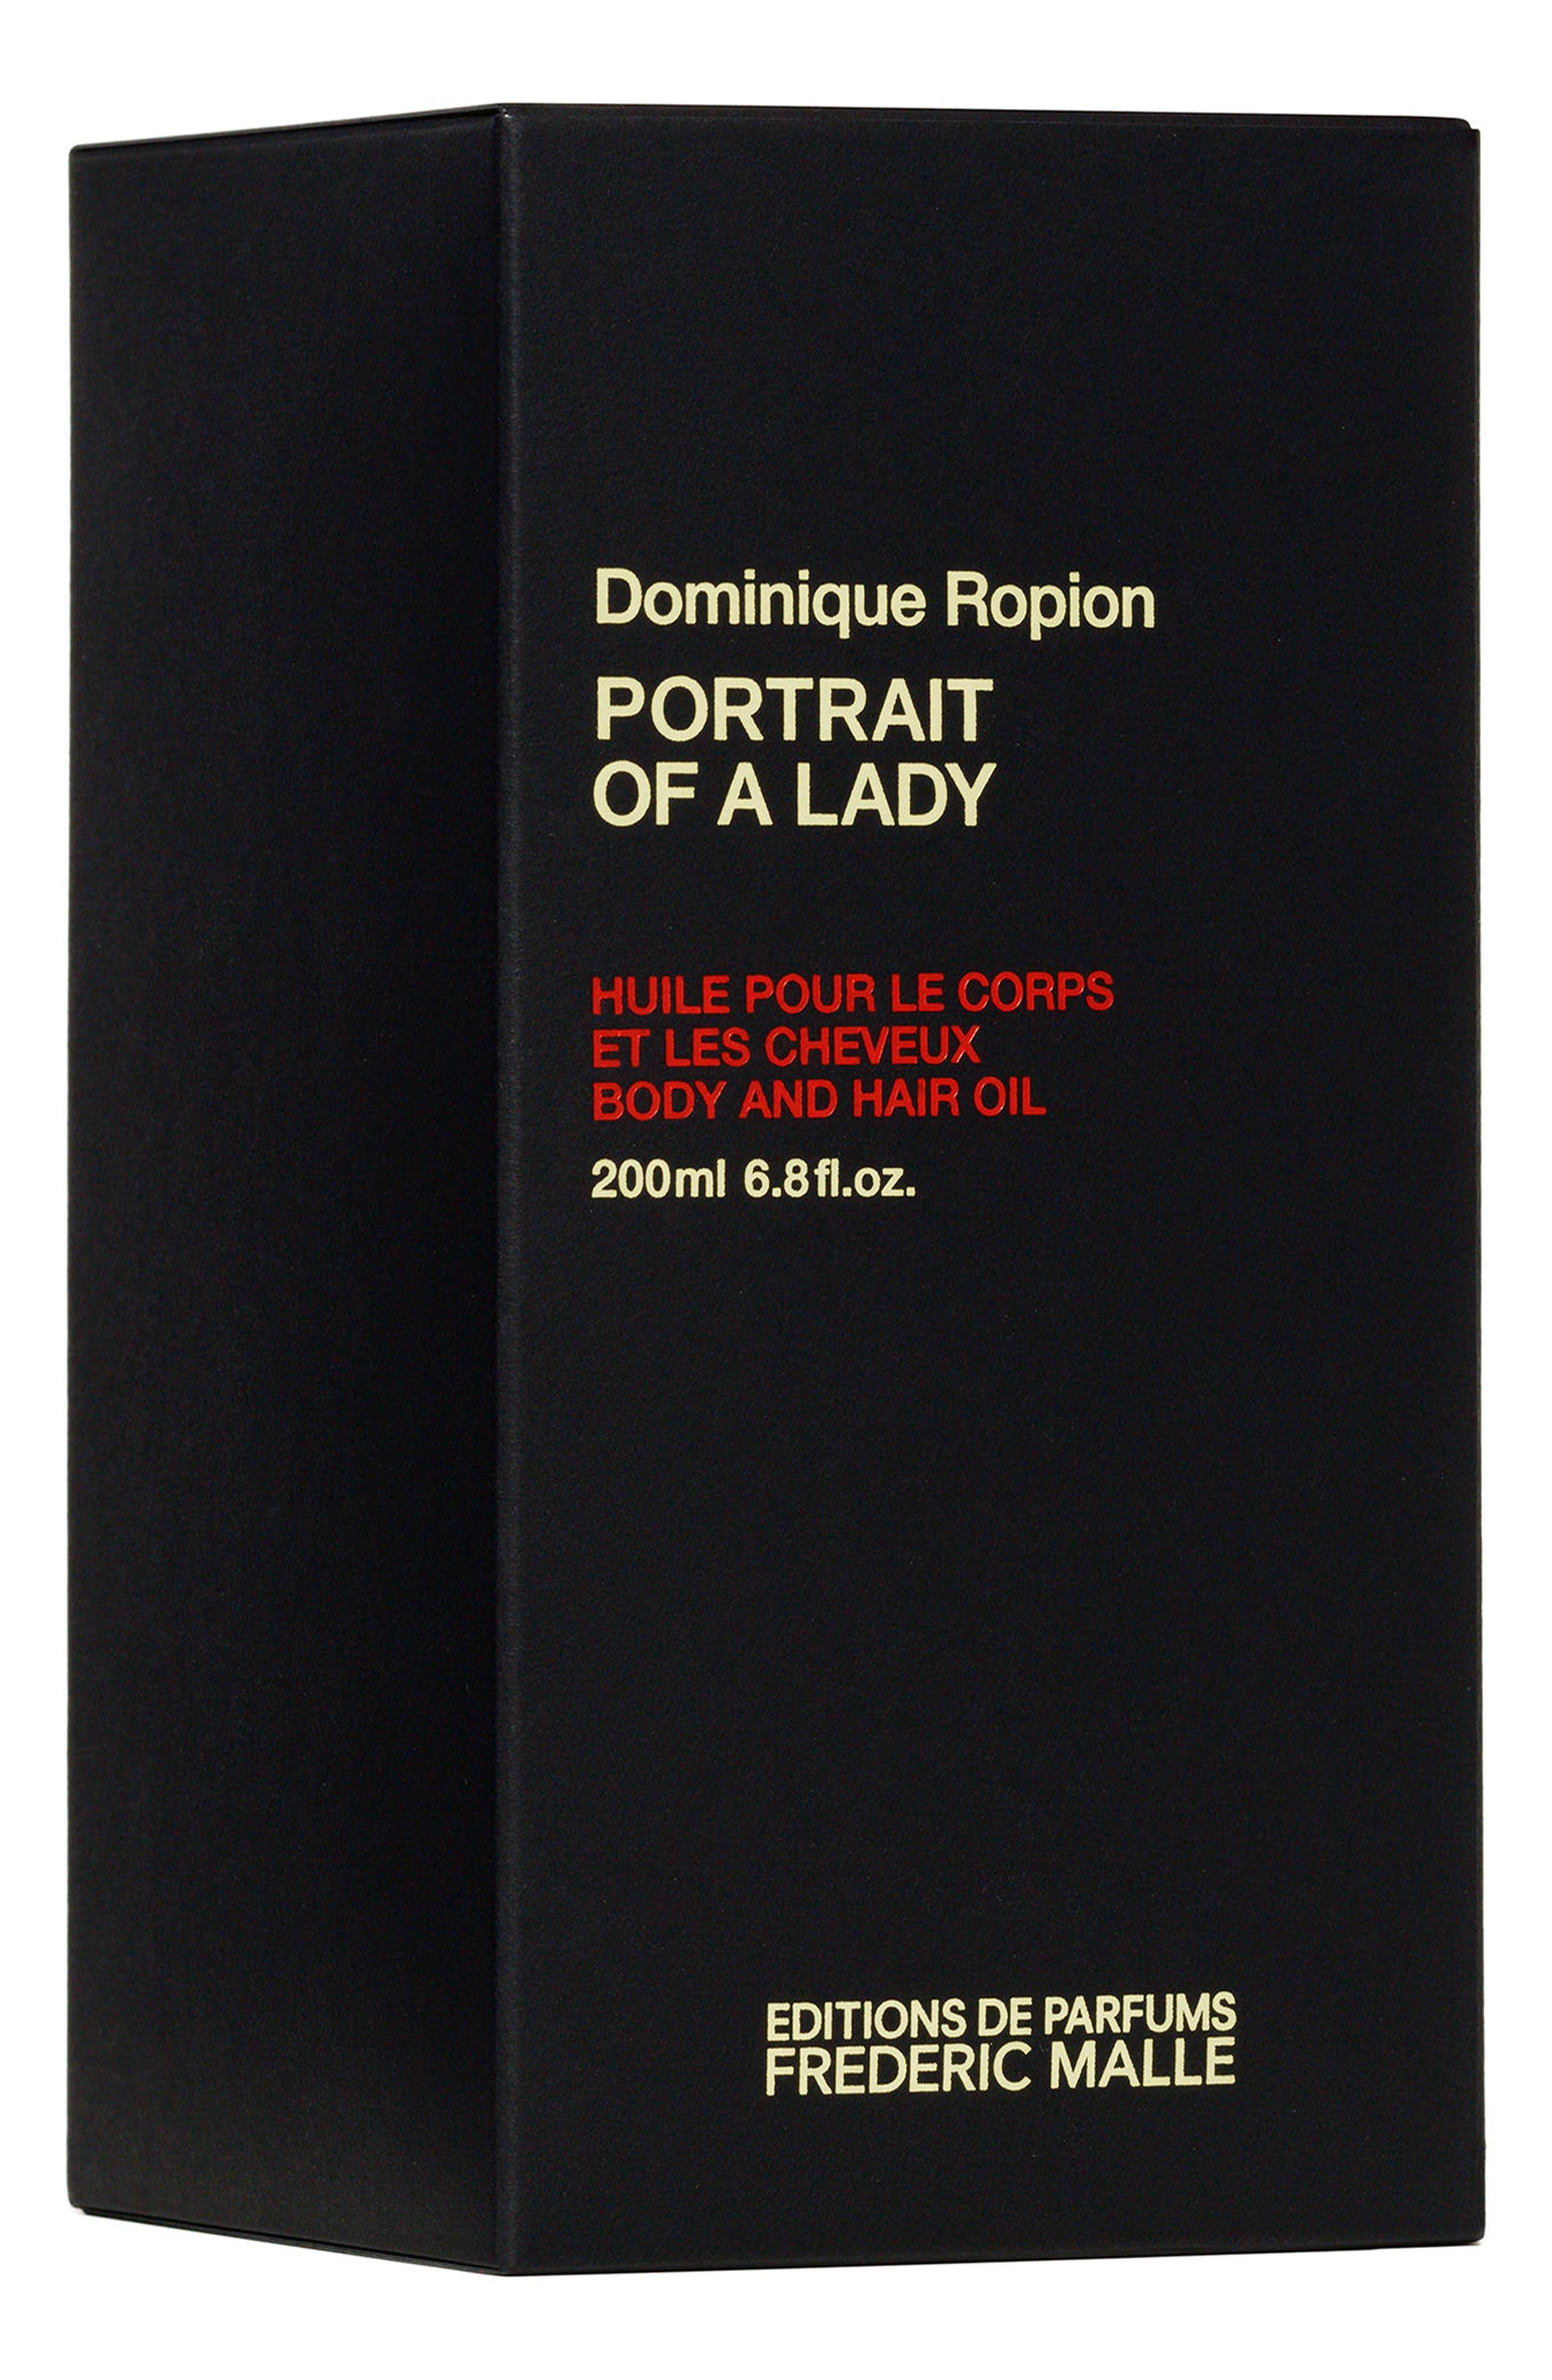 FREDERIC MALLE,                             Editions de Parfums Frédéric Malle Portrait of a Lady Parfum Hair & Body Oil,                             Alternate thumbnail 2, color,                             NO COLOR